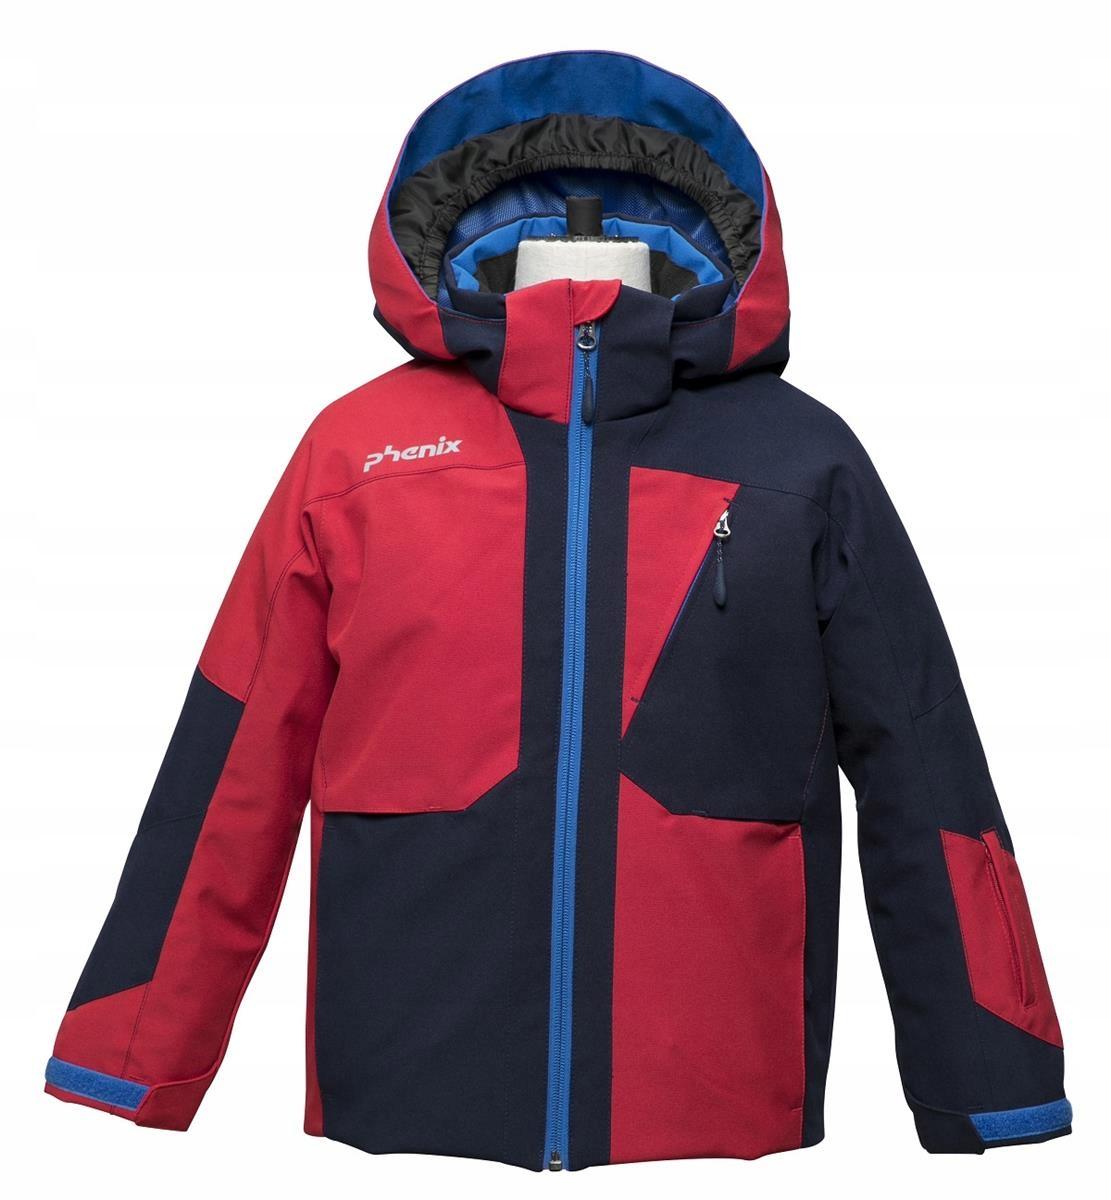 547e64fe5 Kurtki narciarskie Phenix Mash IV Kids Jacket Czer - 7689425324 ...